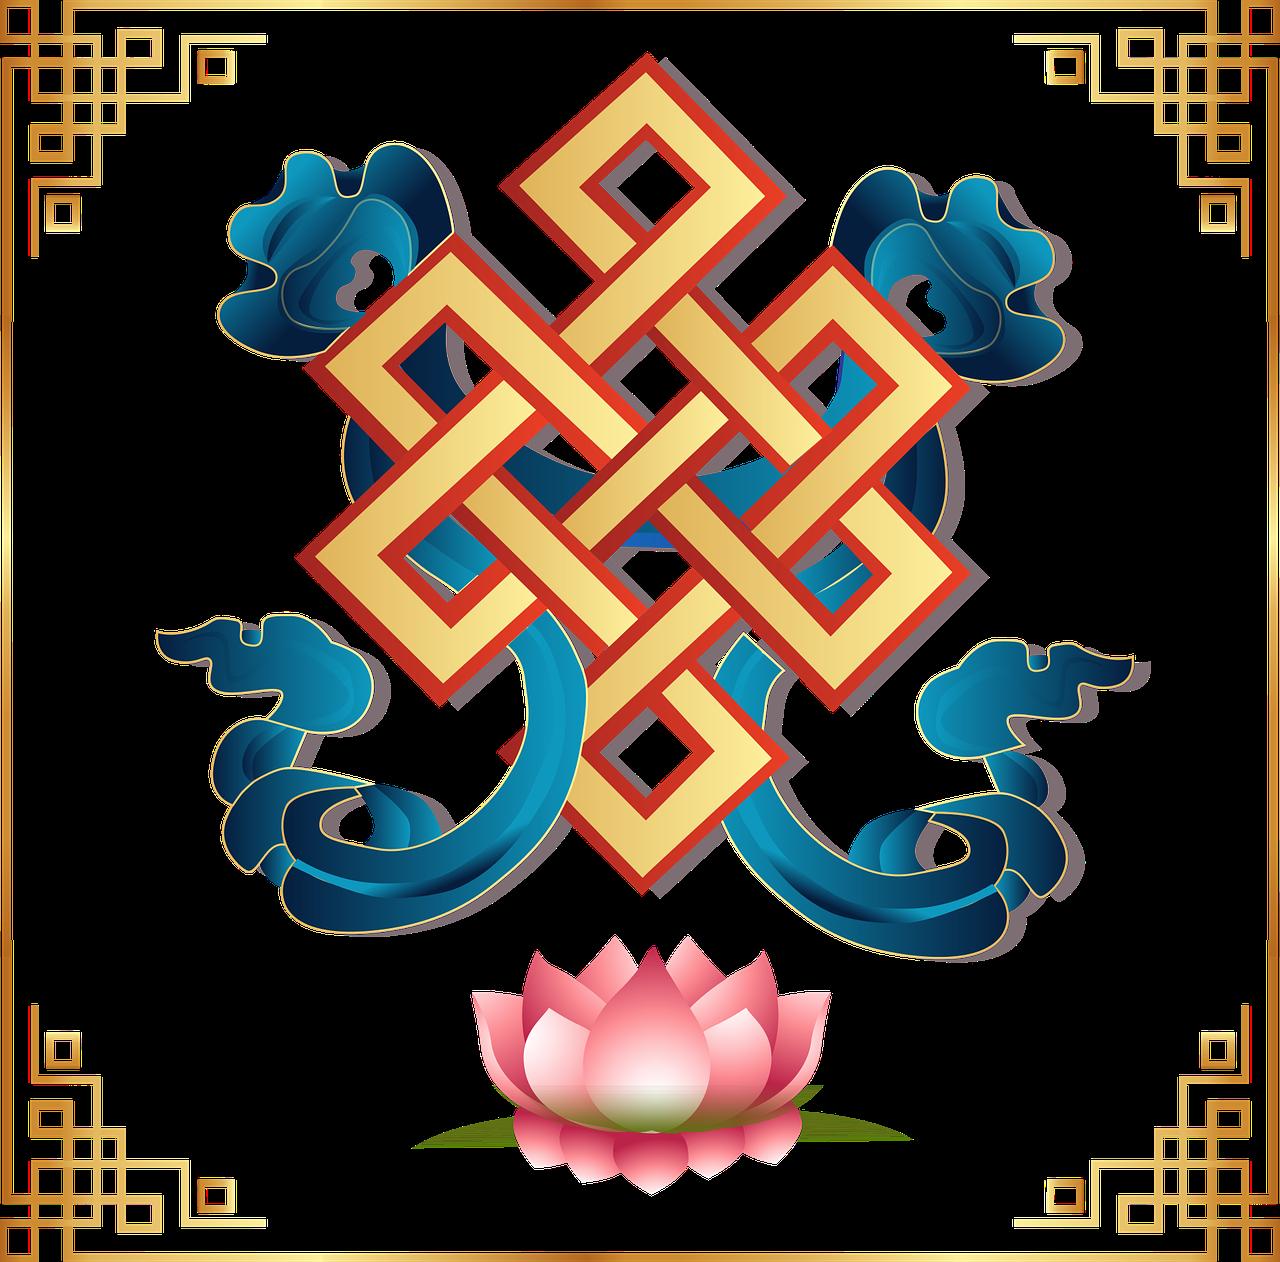 Vectorauspicious Symbolmongoliabuddhismendless Knot Free Photo